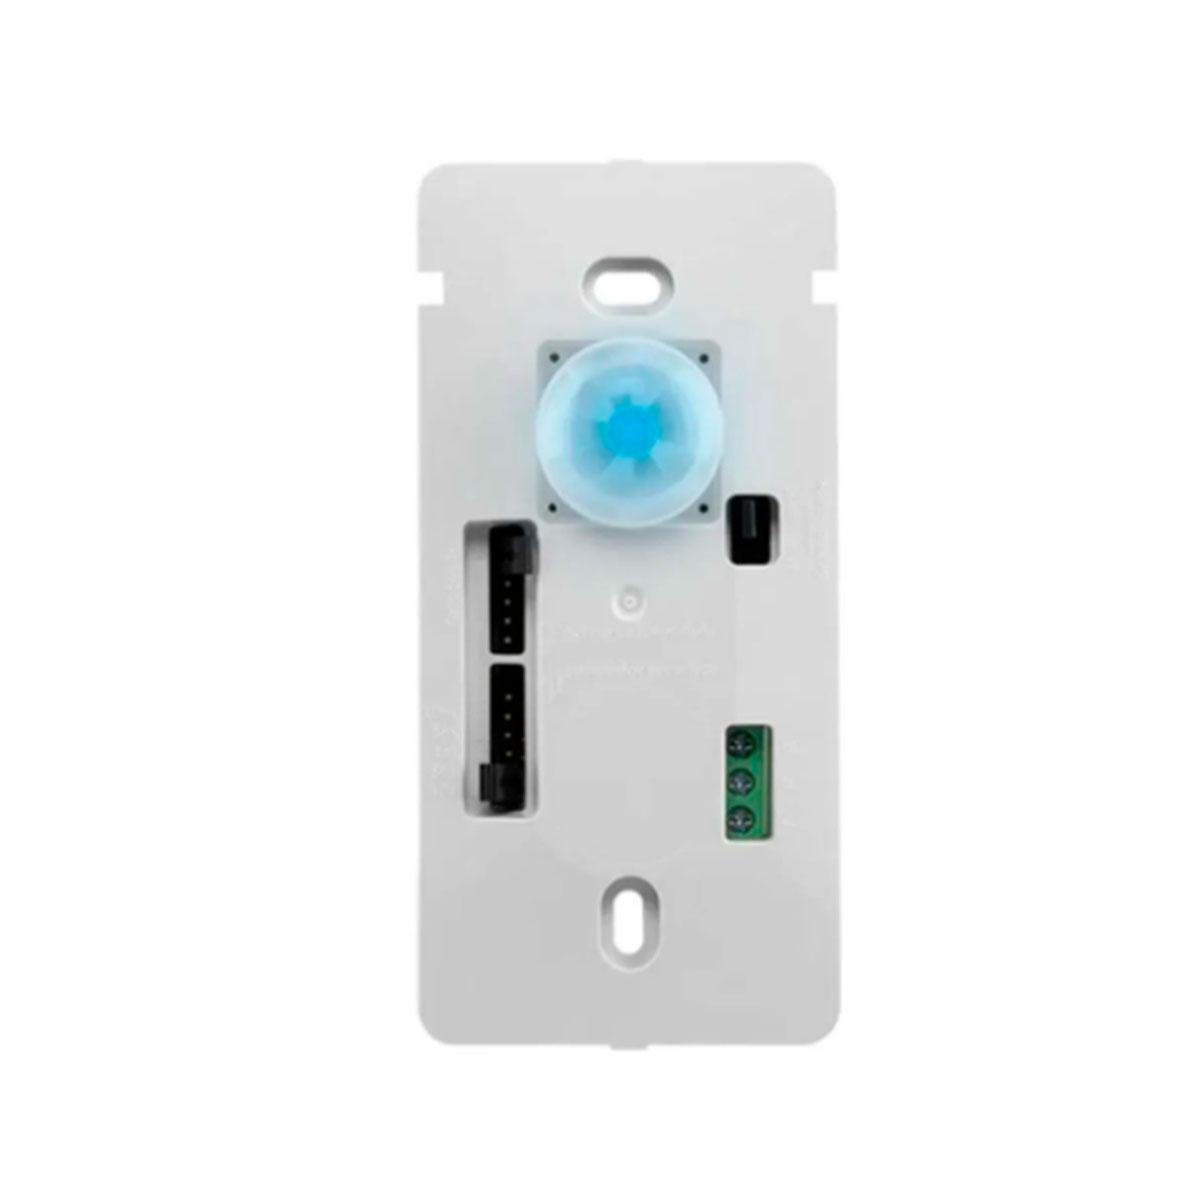 Kit 4 Interruptor Intelbras Presença e Iluminação Espi 180 E